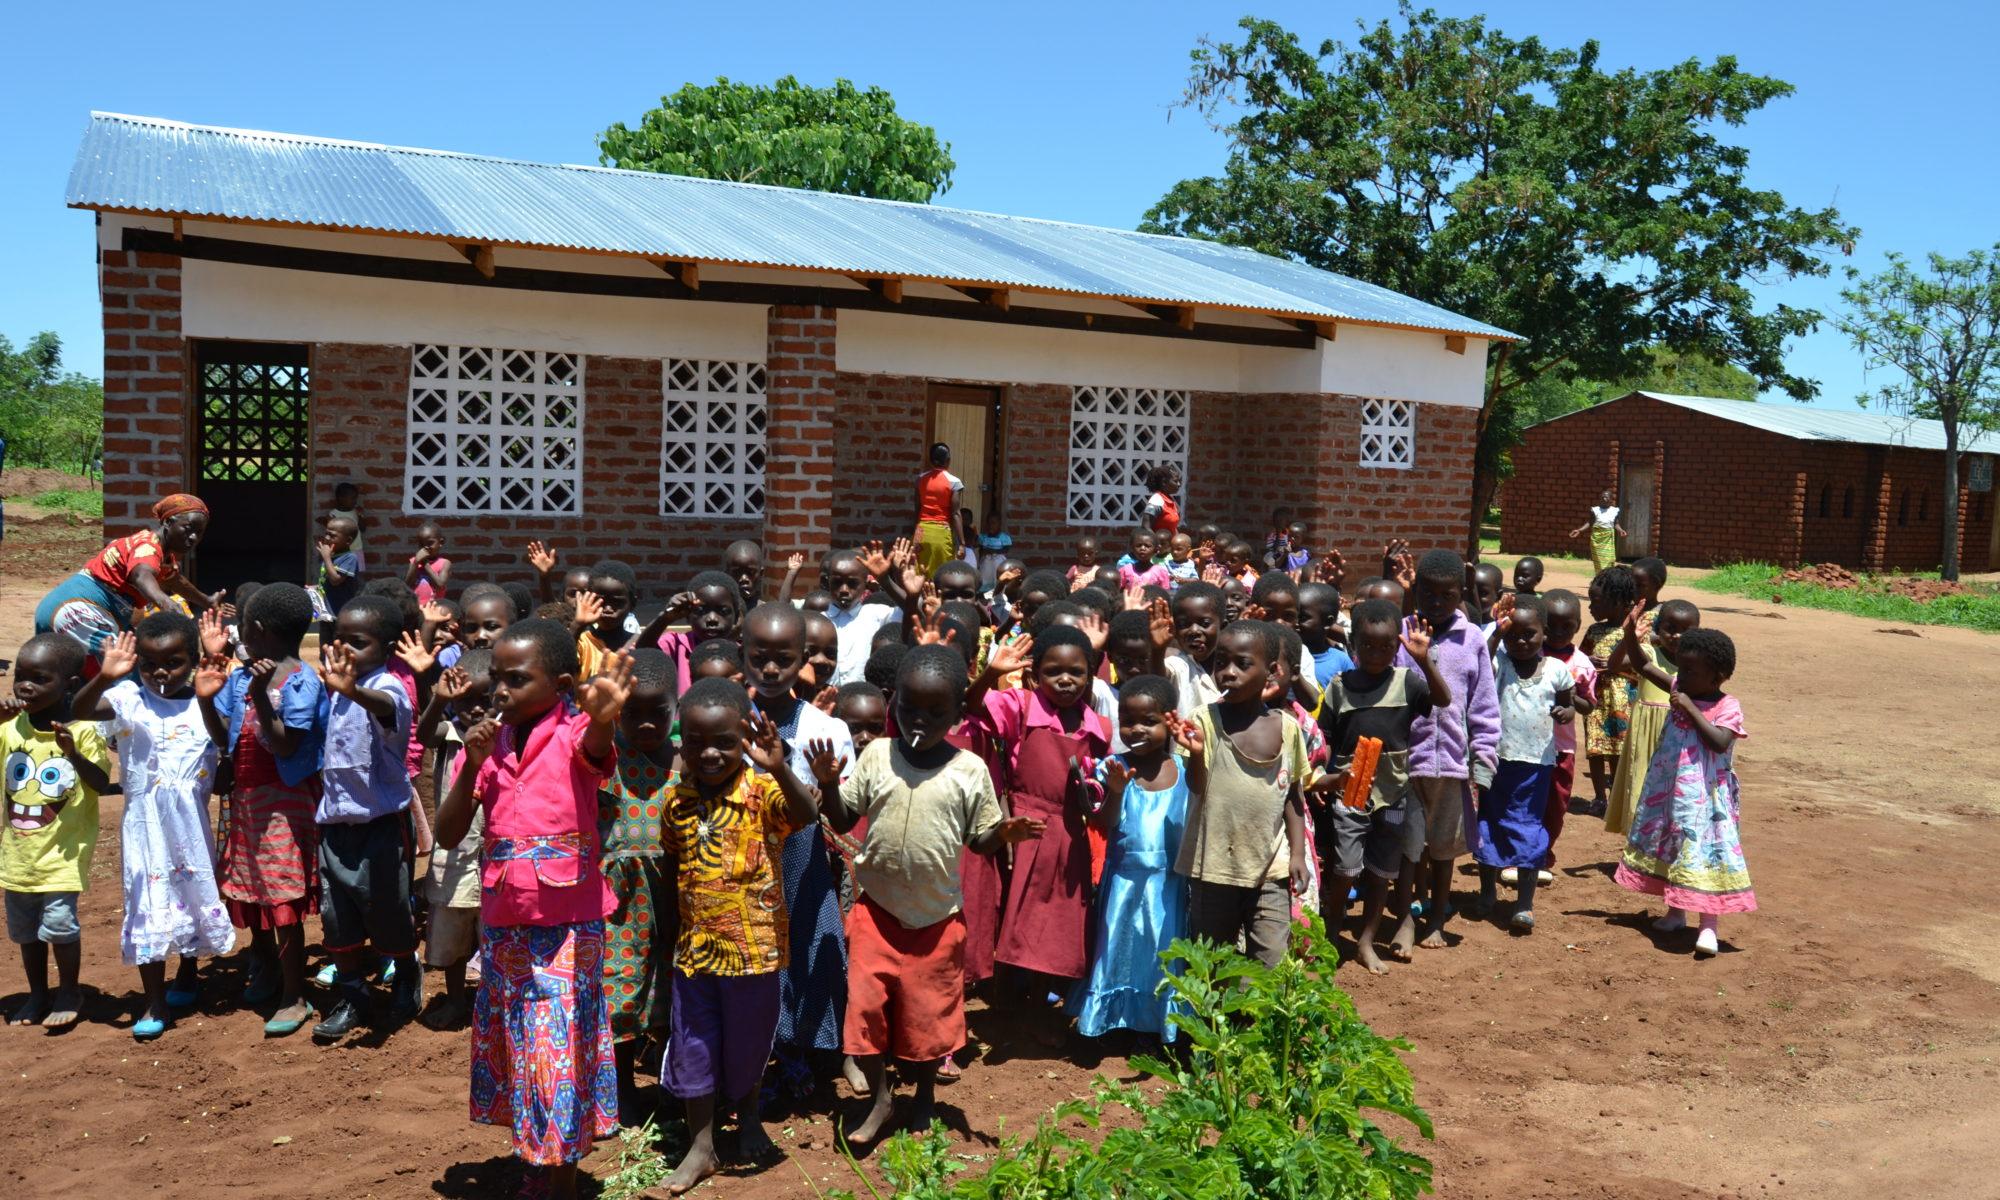 Scuole materne rurali anna per il malawi for Addobbi natalizi per scuole materne